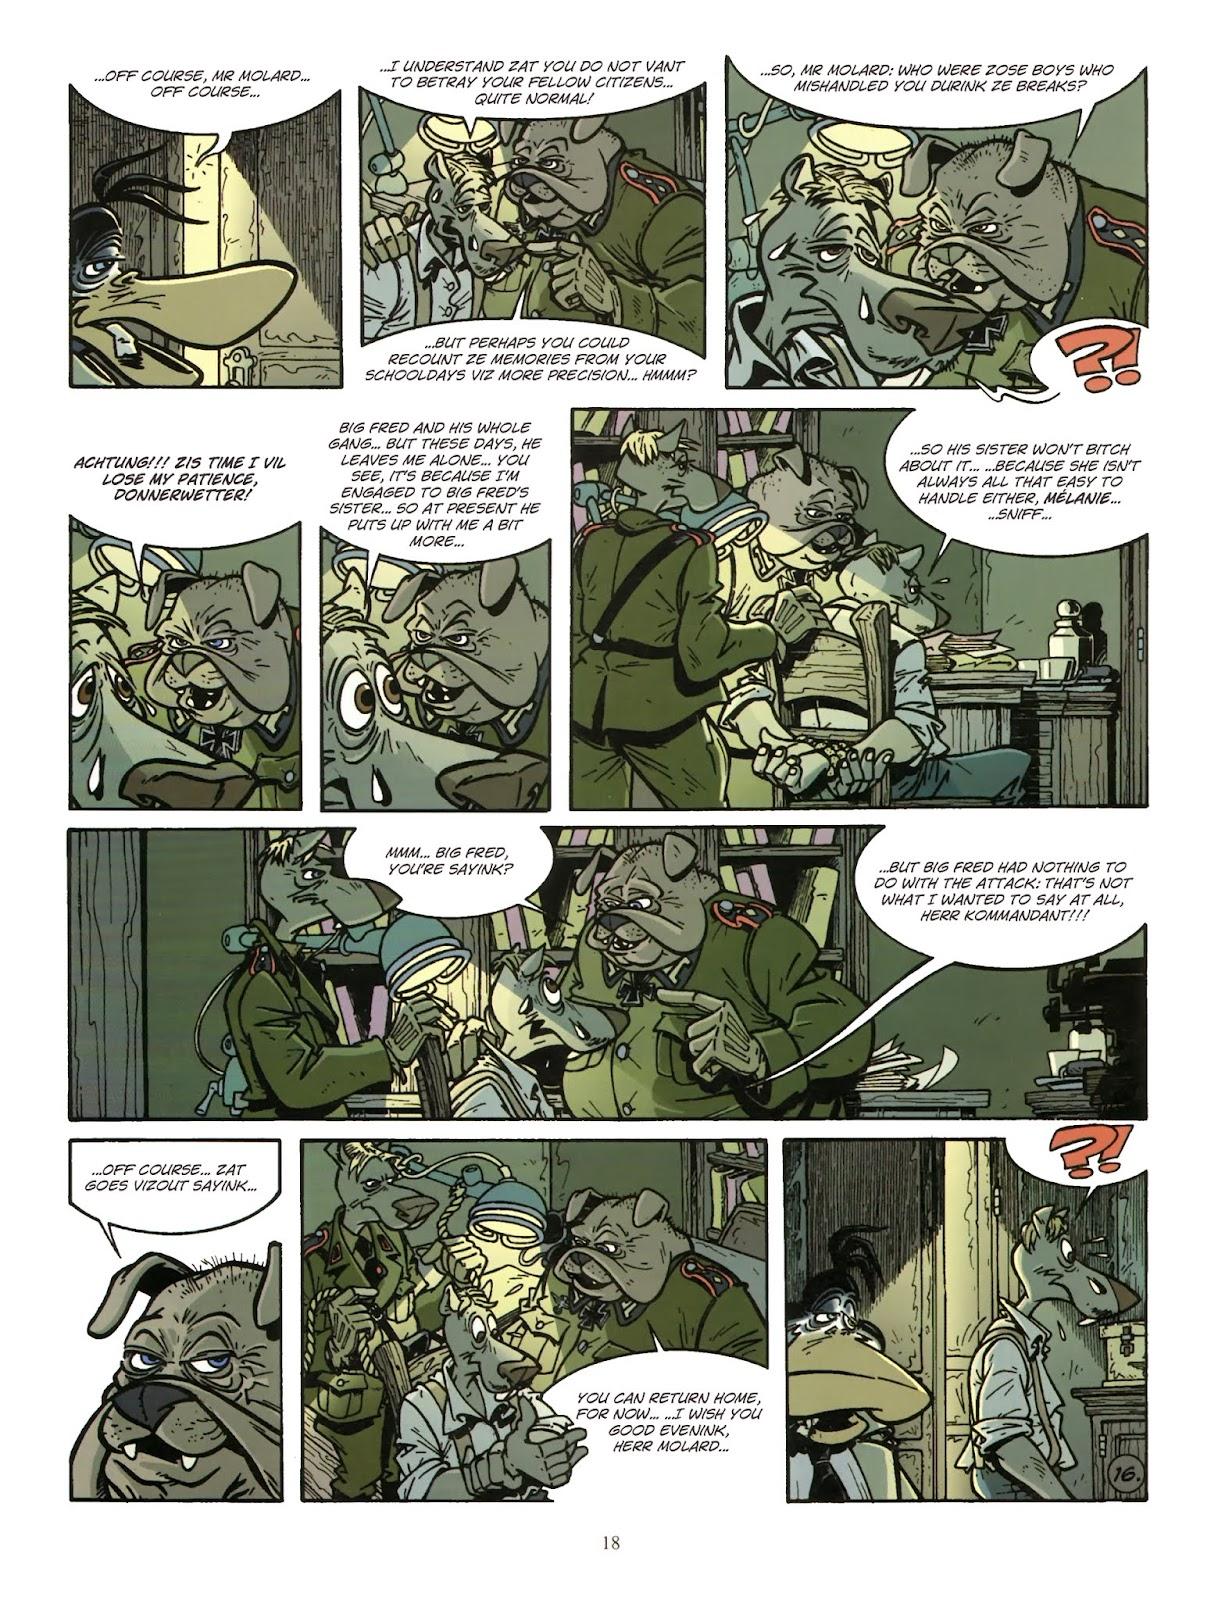 Une enquête de l'inspecteur Canardo issue 11 - Page 19